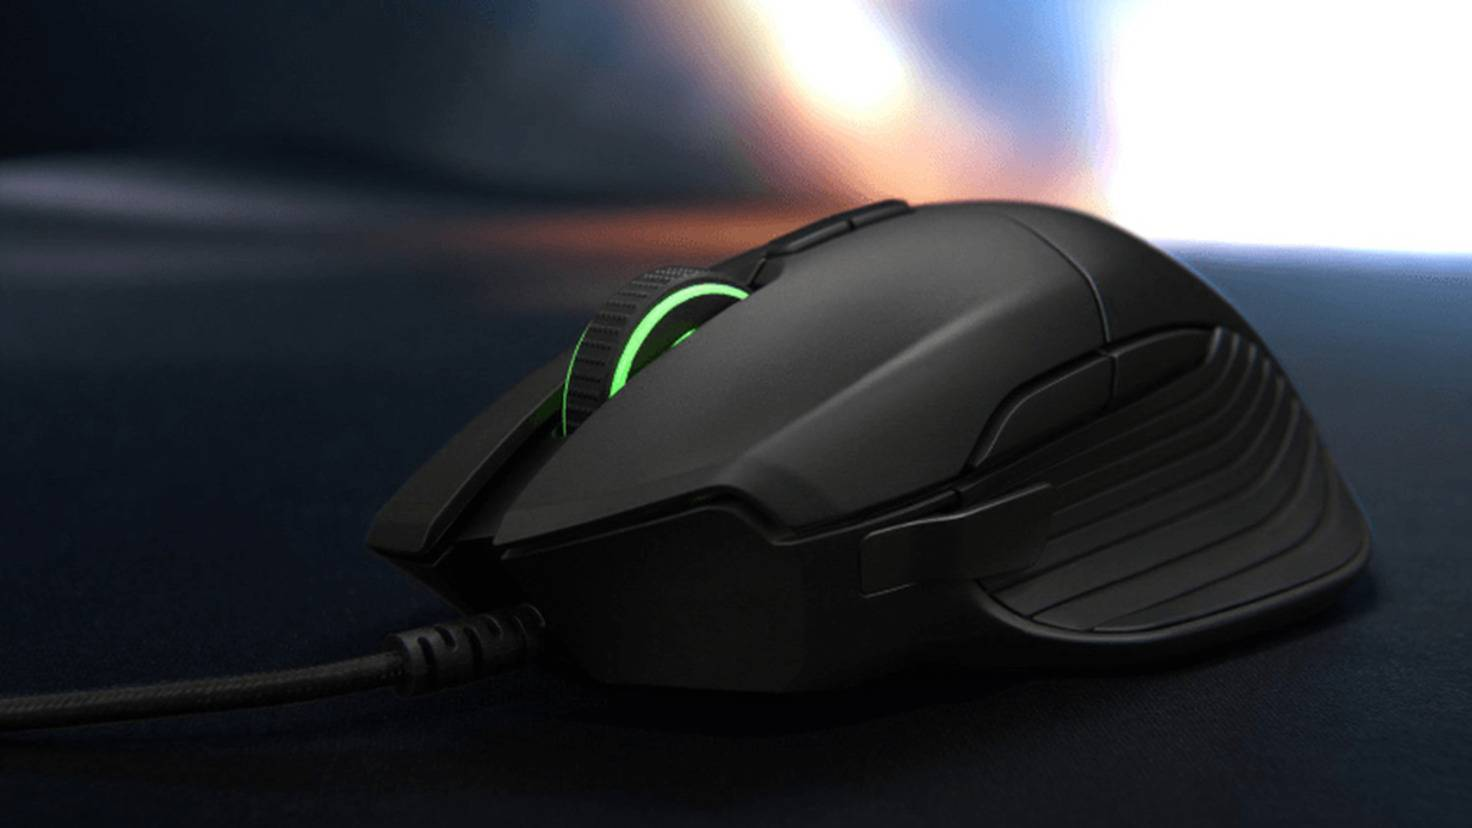 RAZER-Basilisk-Gaming-Maus